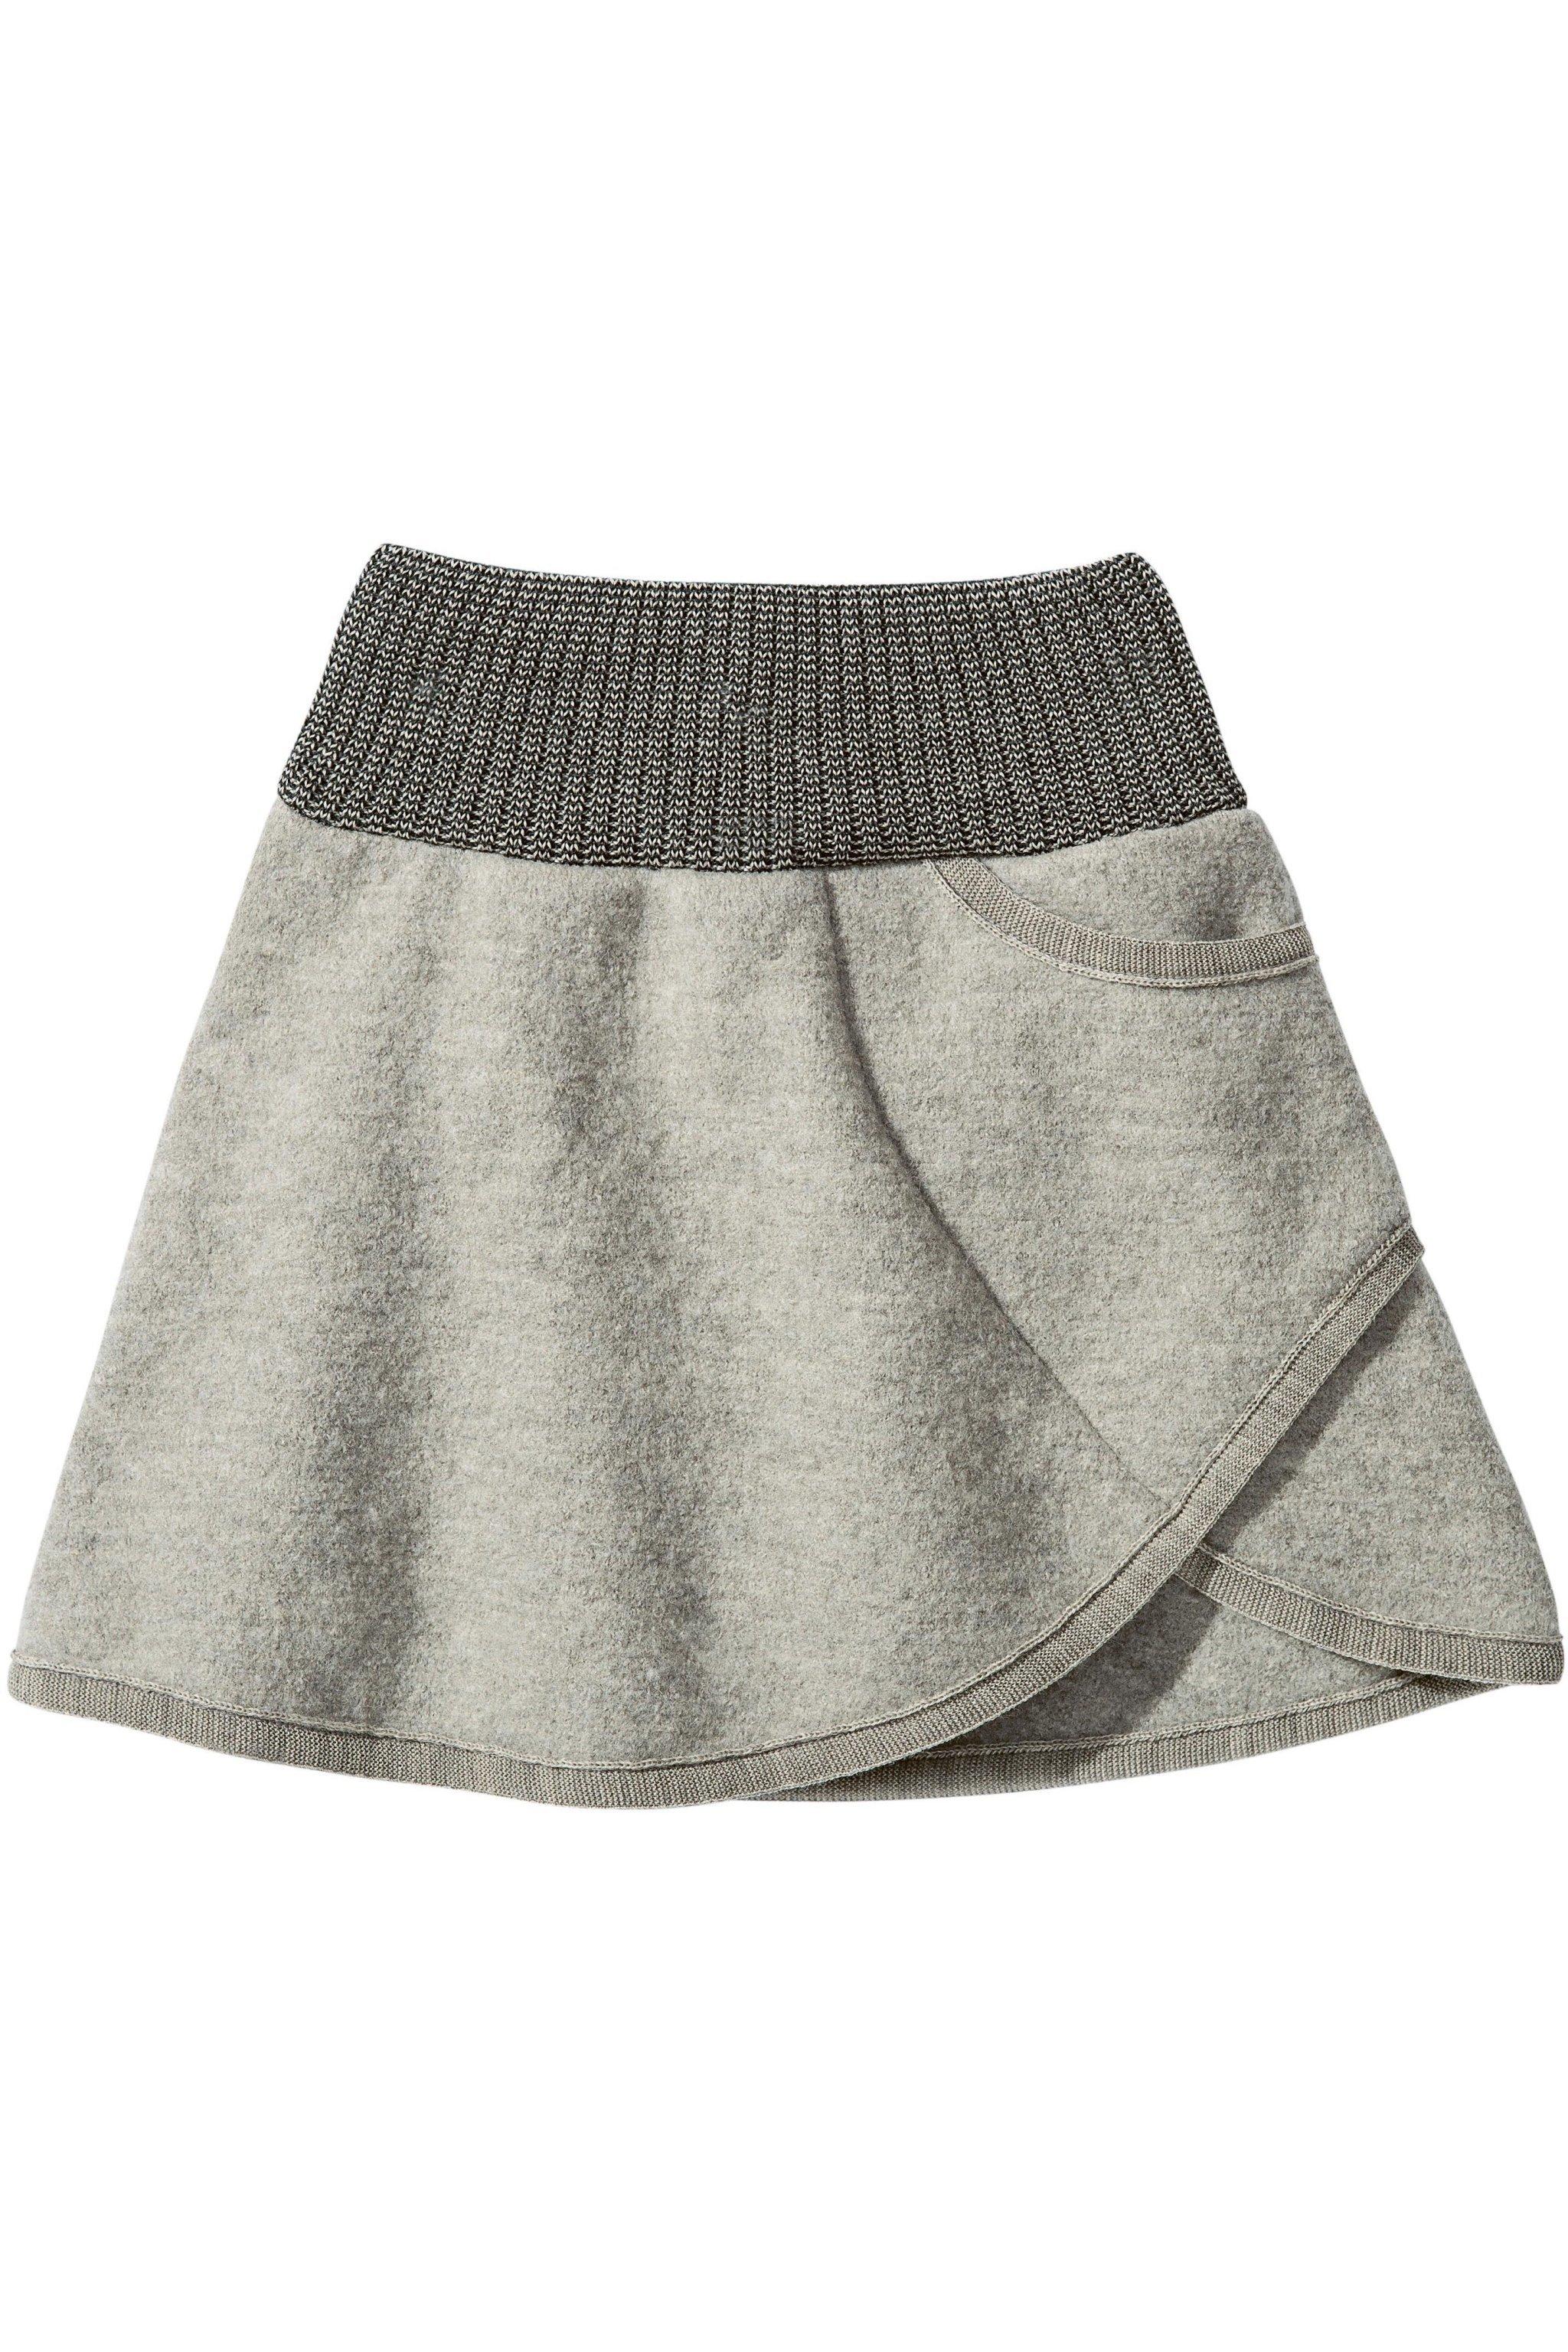 Kjol filtad ull barn · Barnkläder filtad ull kjol leggings modell närbild  Disana 51c007914fdd2